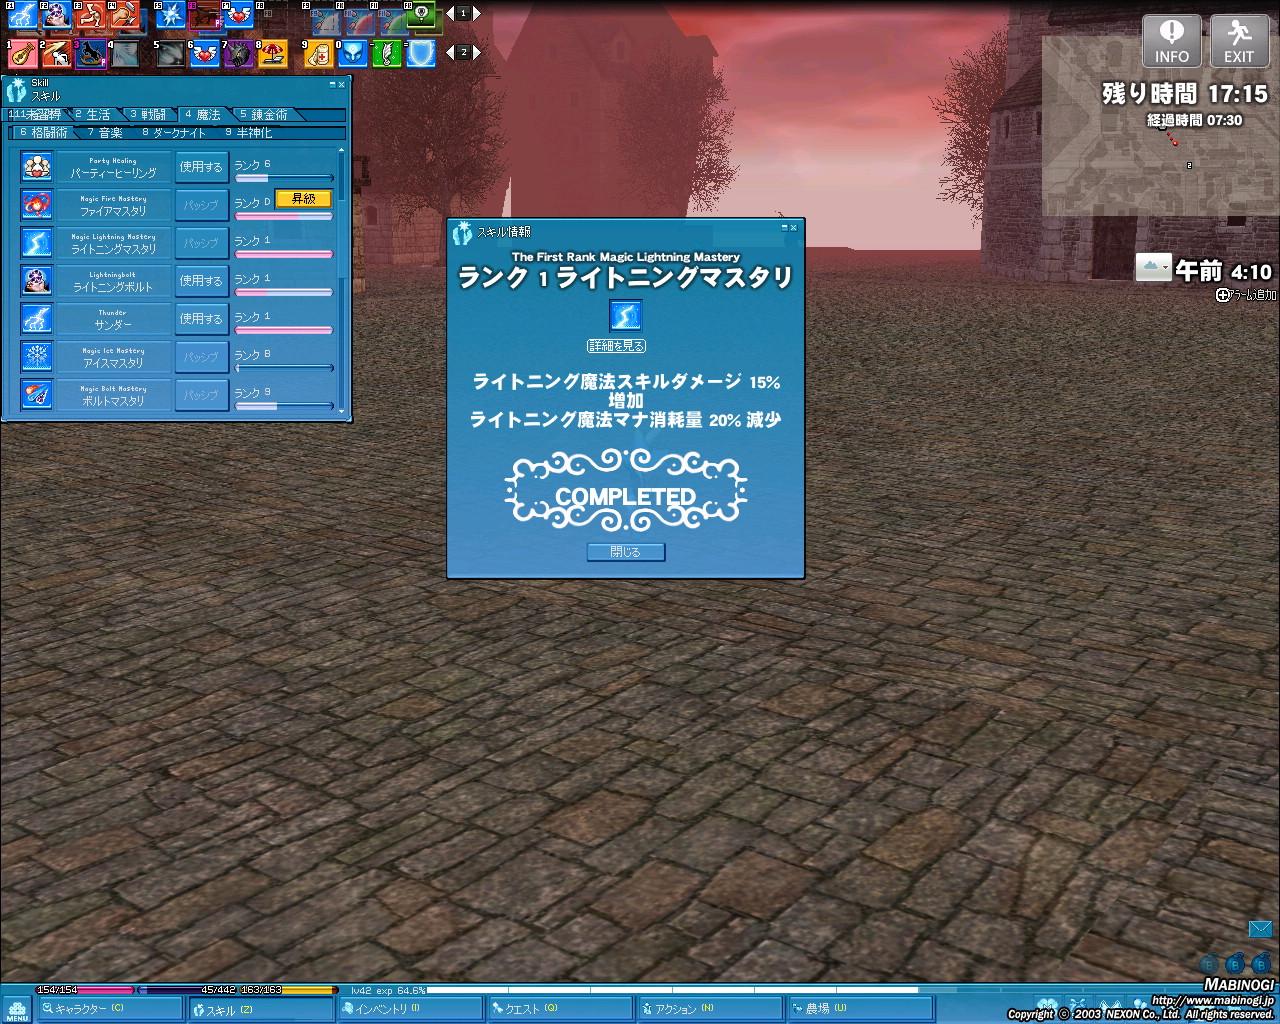 mabinogi_2012_06_02_001.jpg